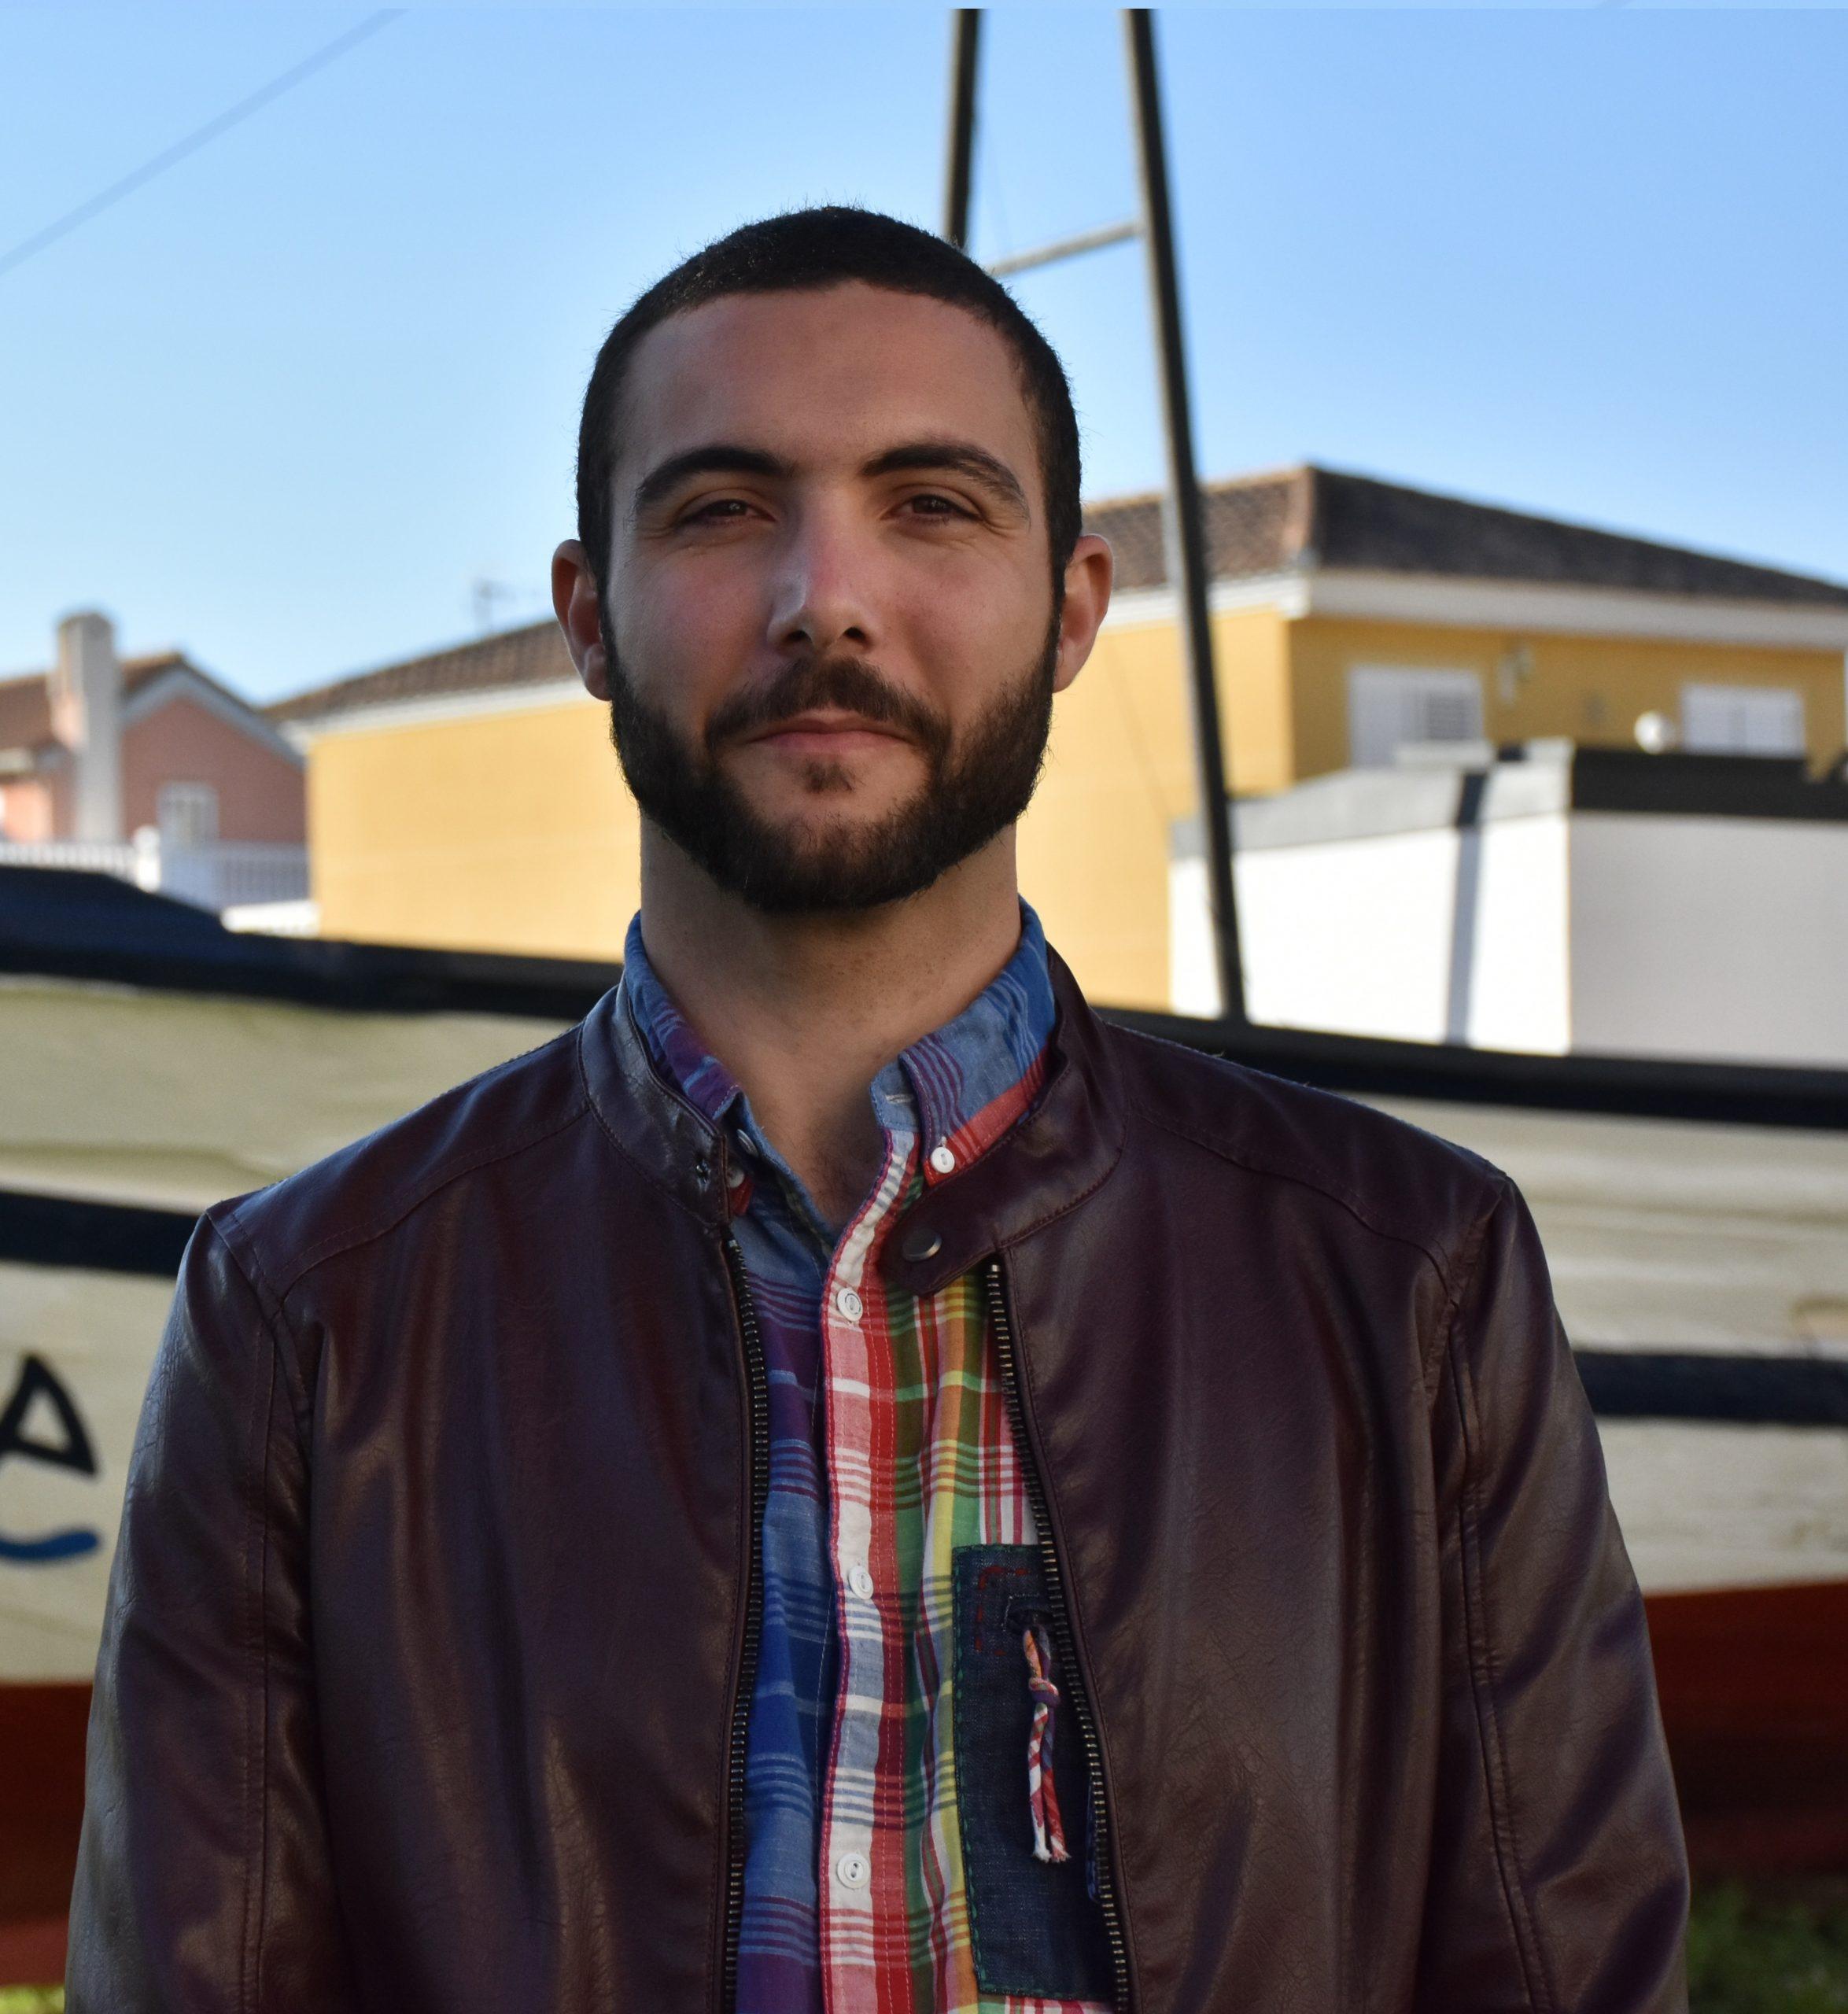 El concejal de Podem en Moncofa, Rafa Segarra, se entera por las redes de las medidas anti covid del Ayuntamiento